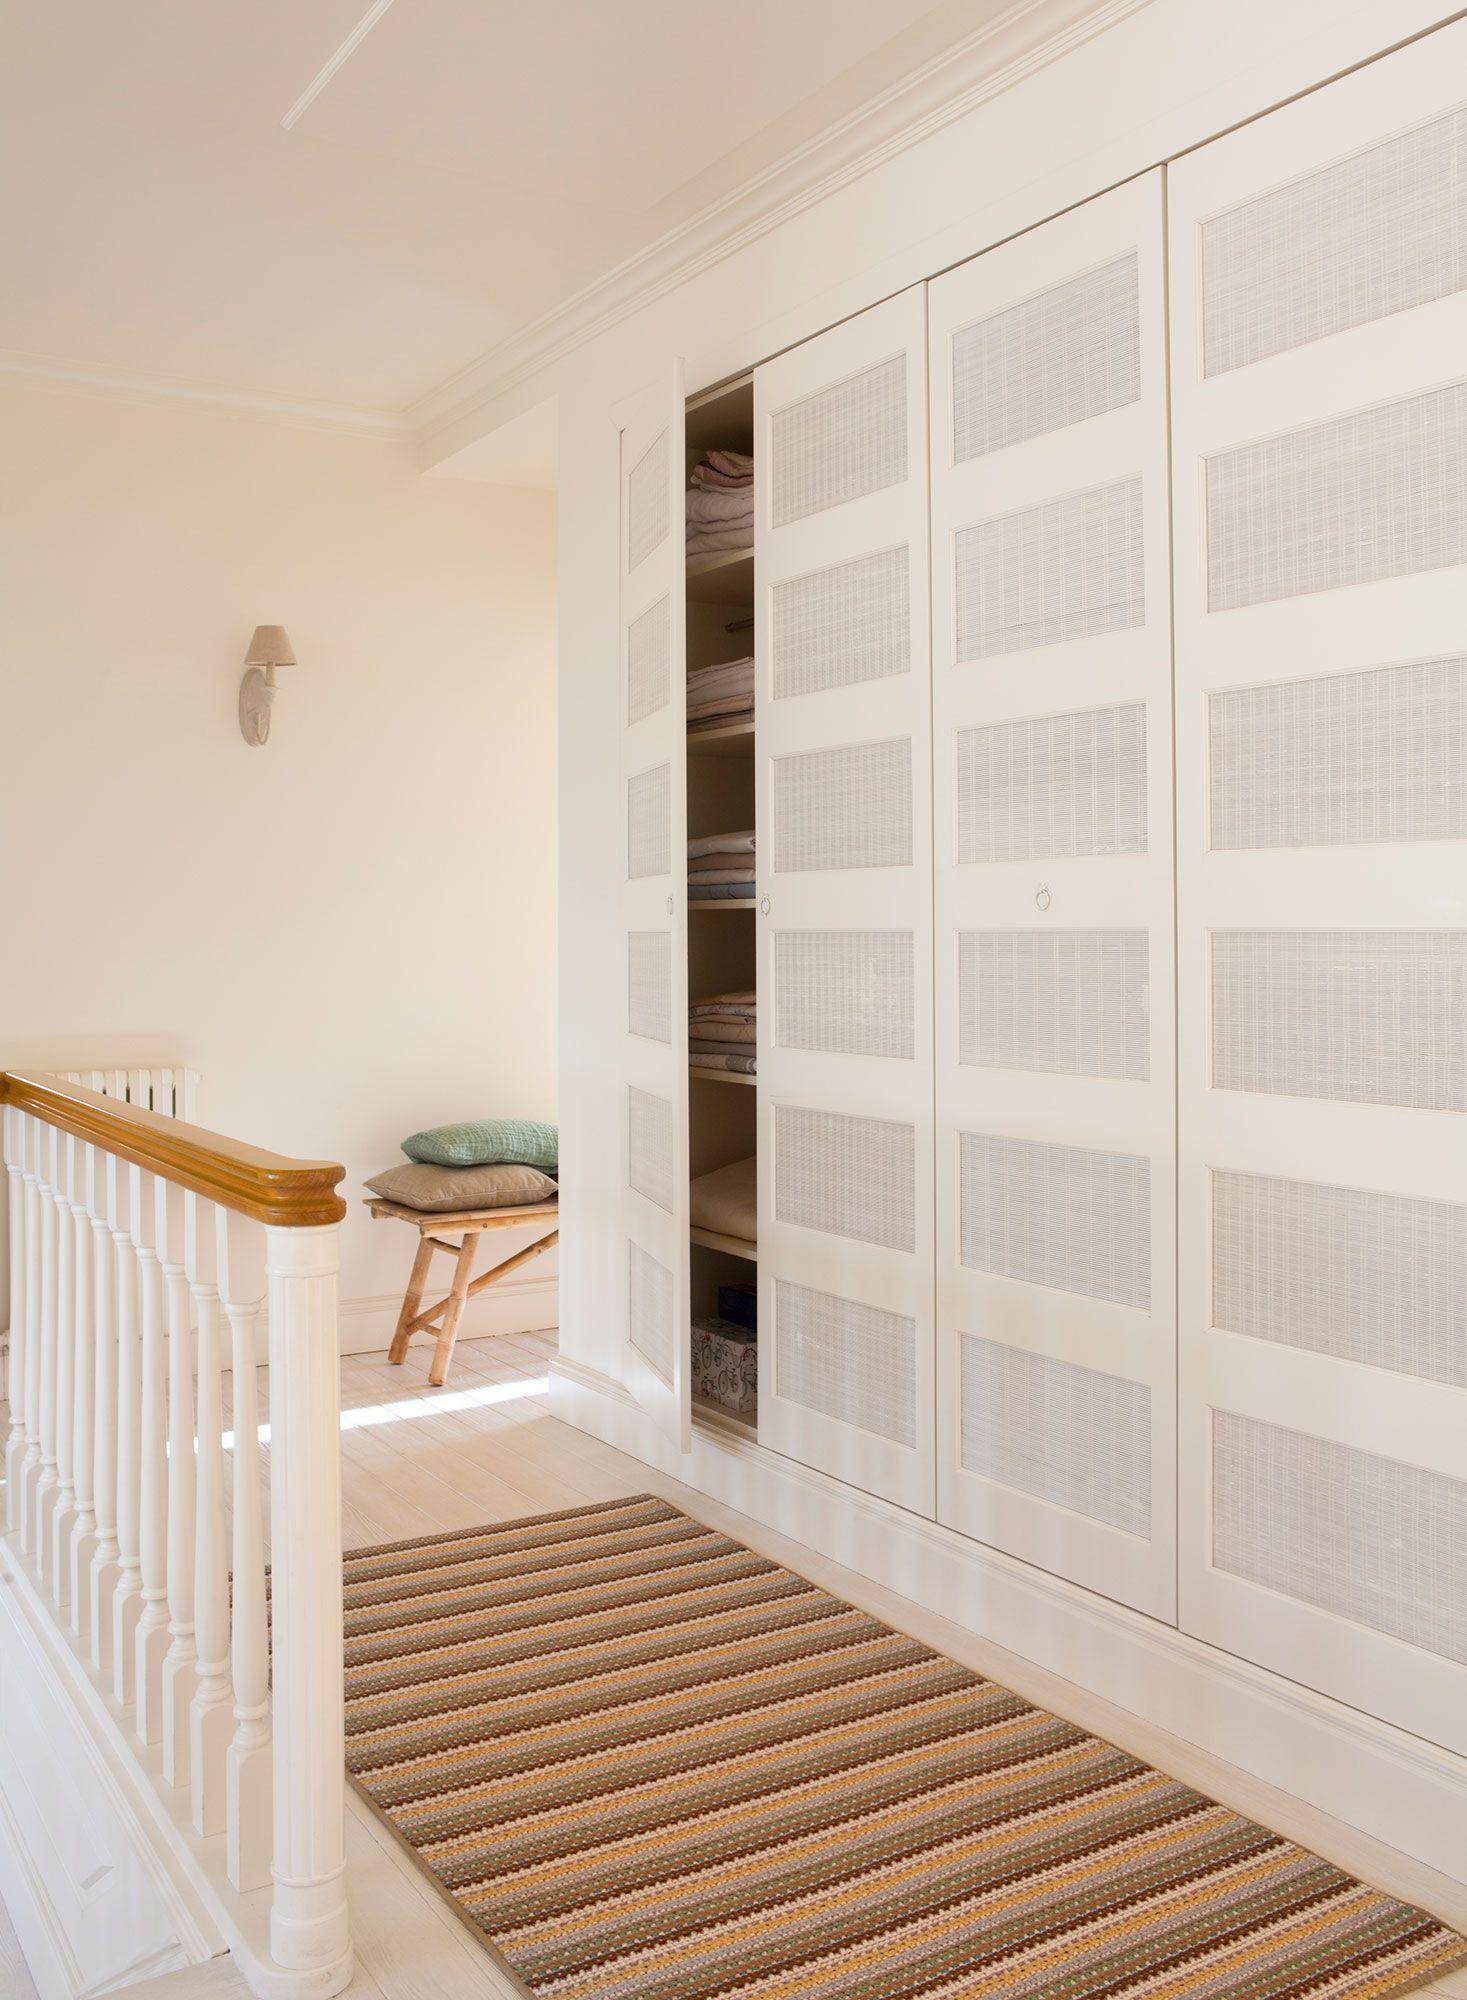 Pasillos y recibidores bonitos y aprovechados mucho m s for Armario de pared con entrada equipada